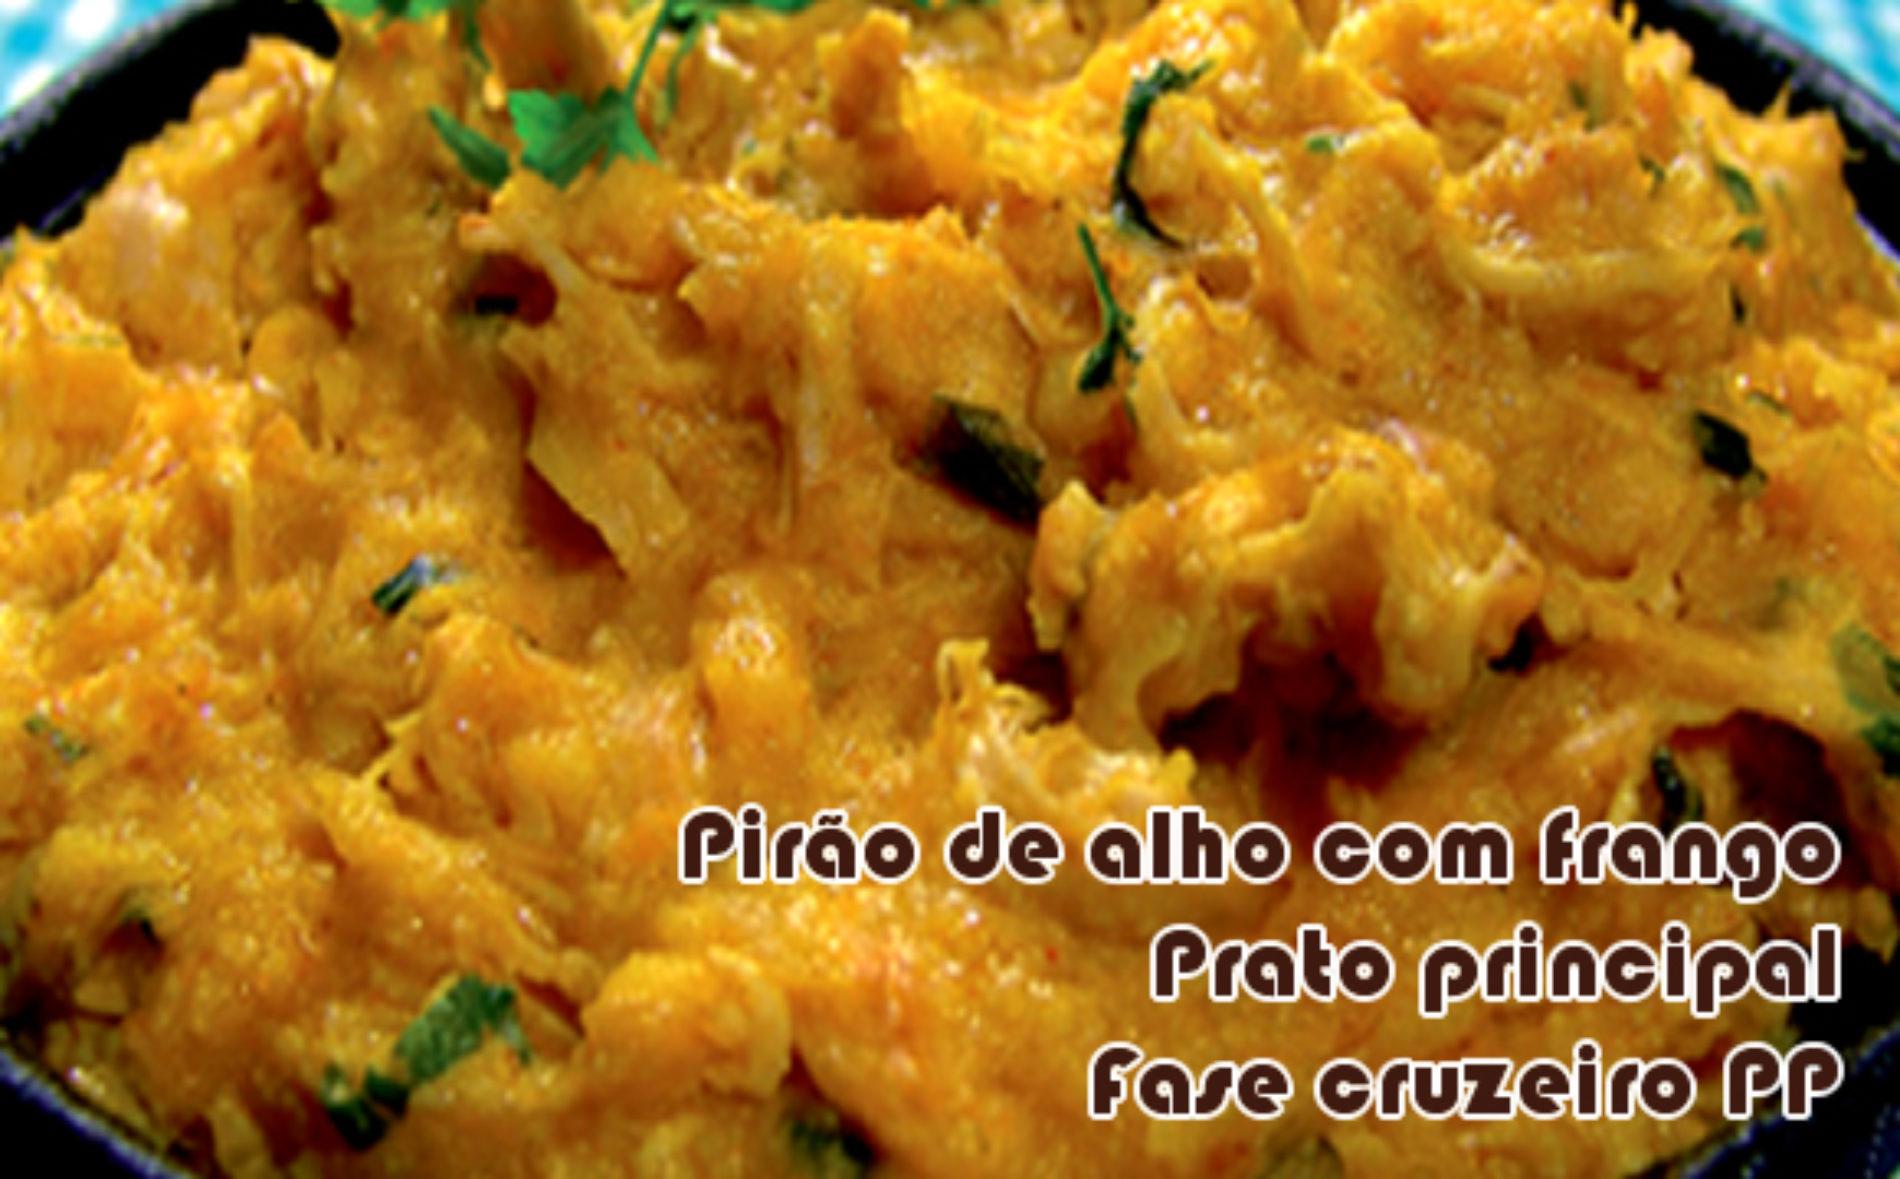 Pirão de alho com frango – Receitas dukan